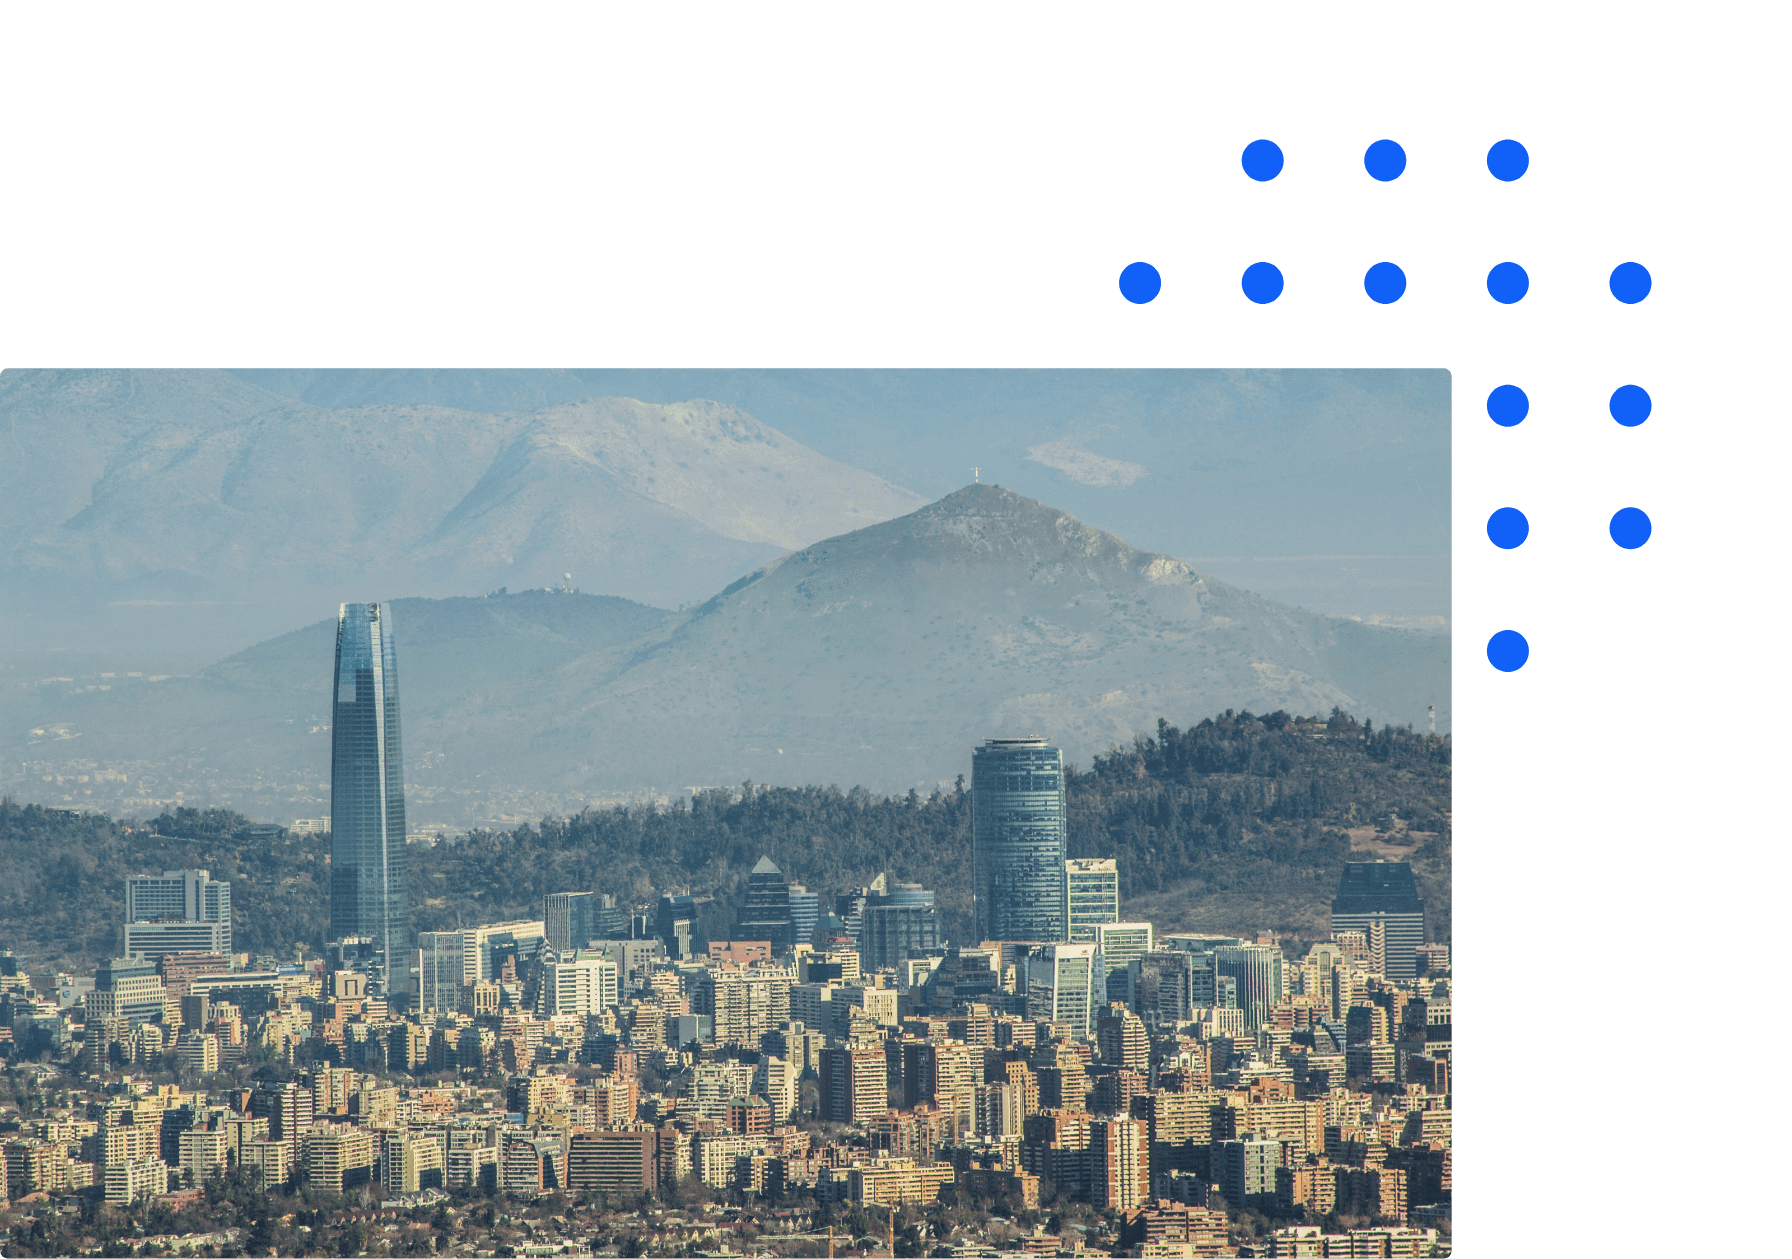 Chilean city skyline